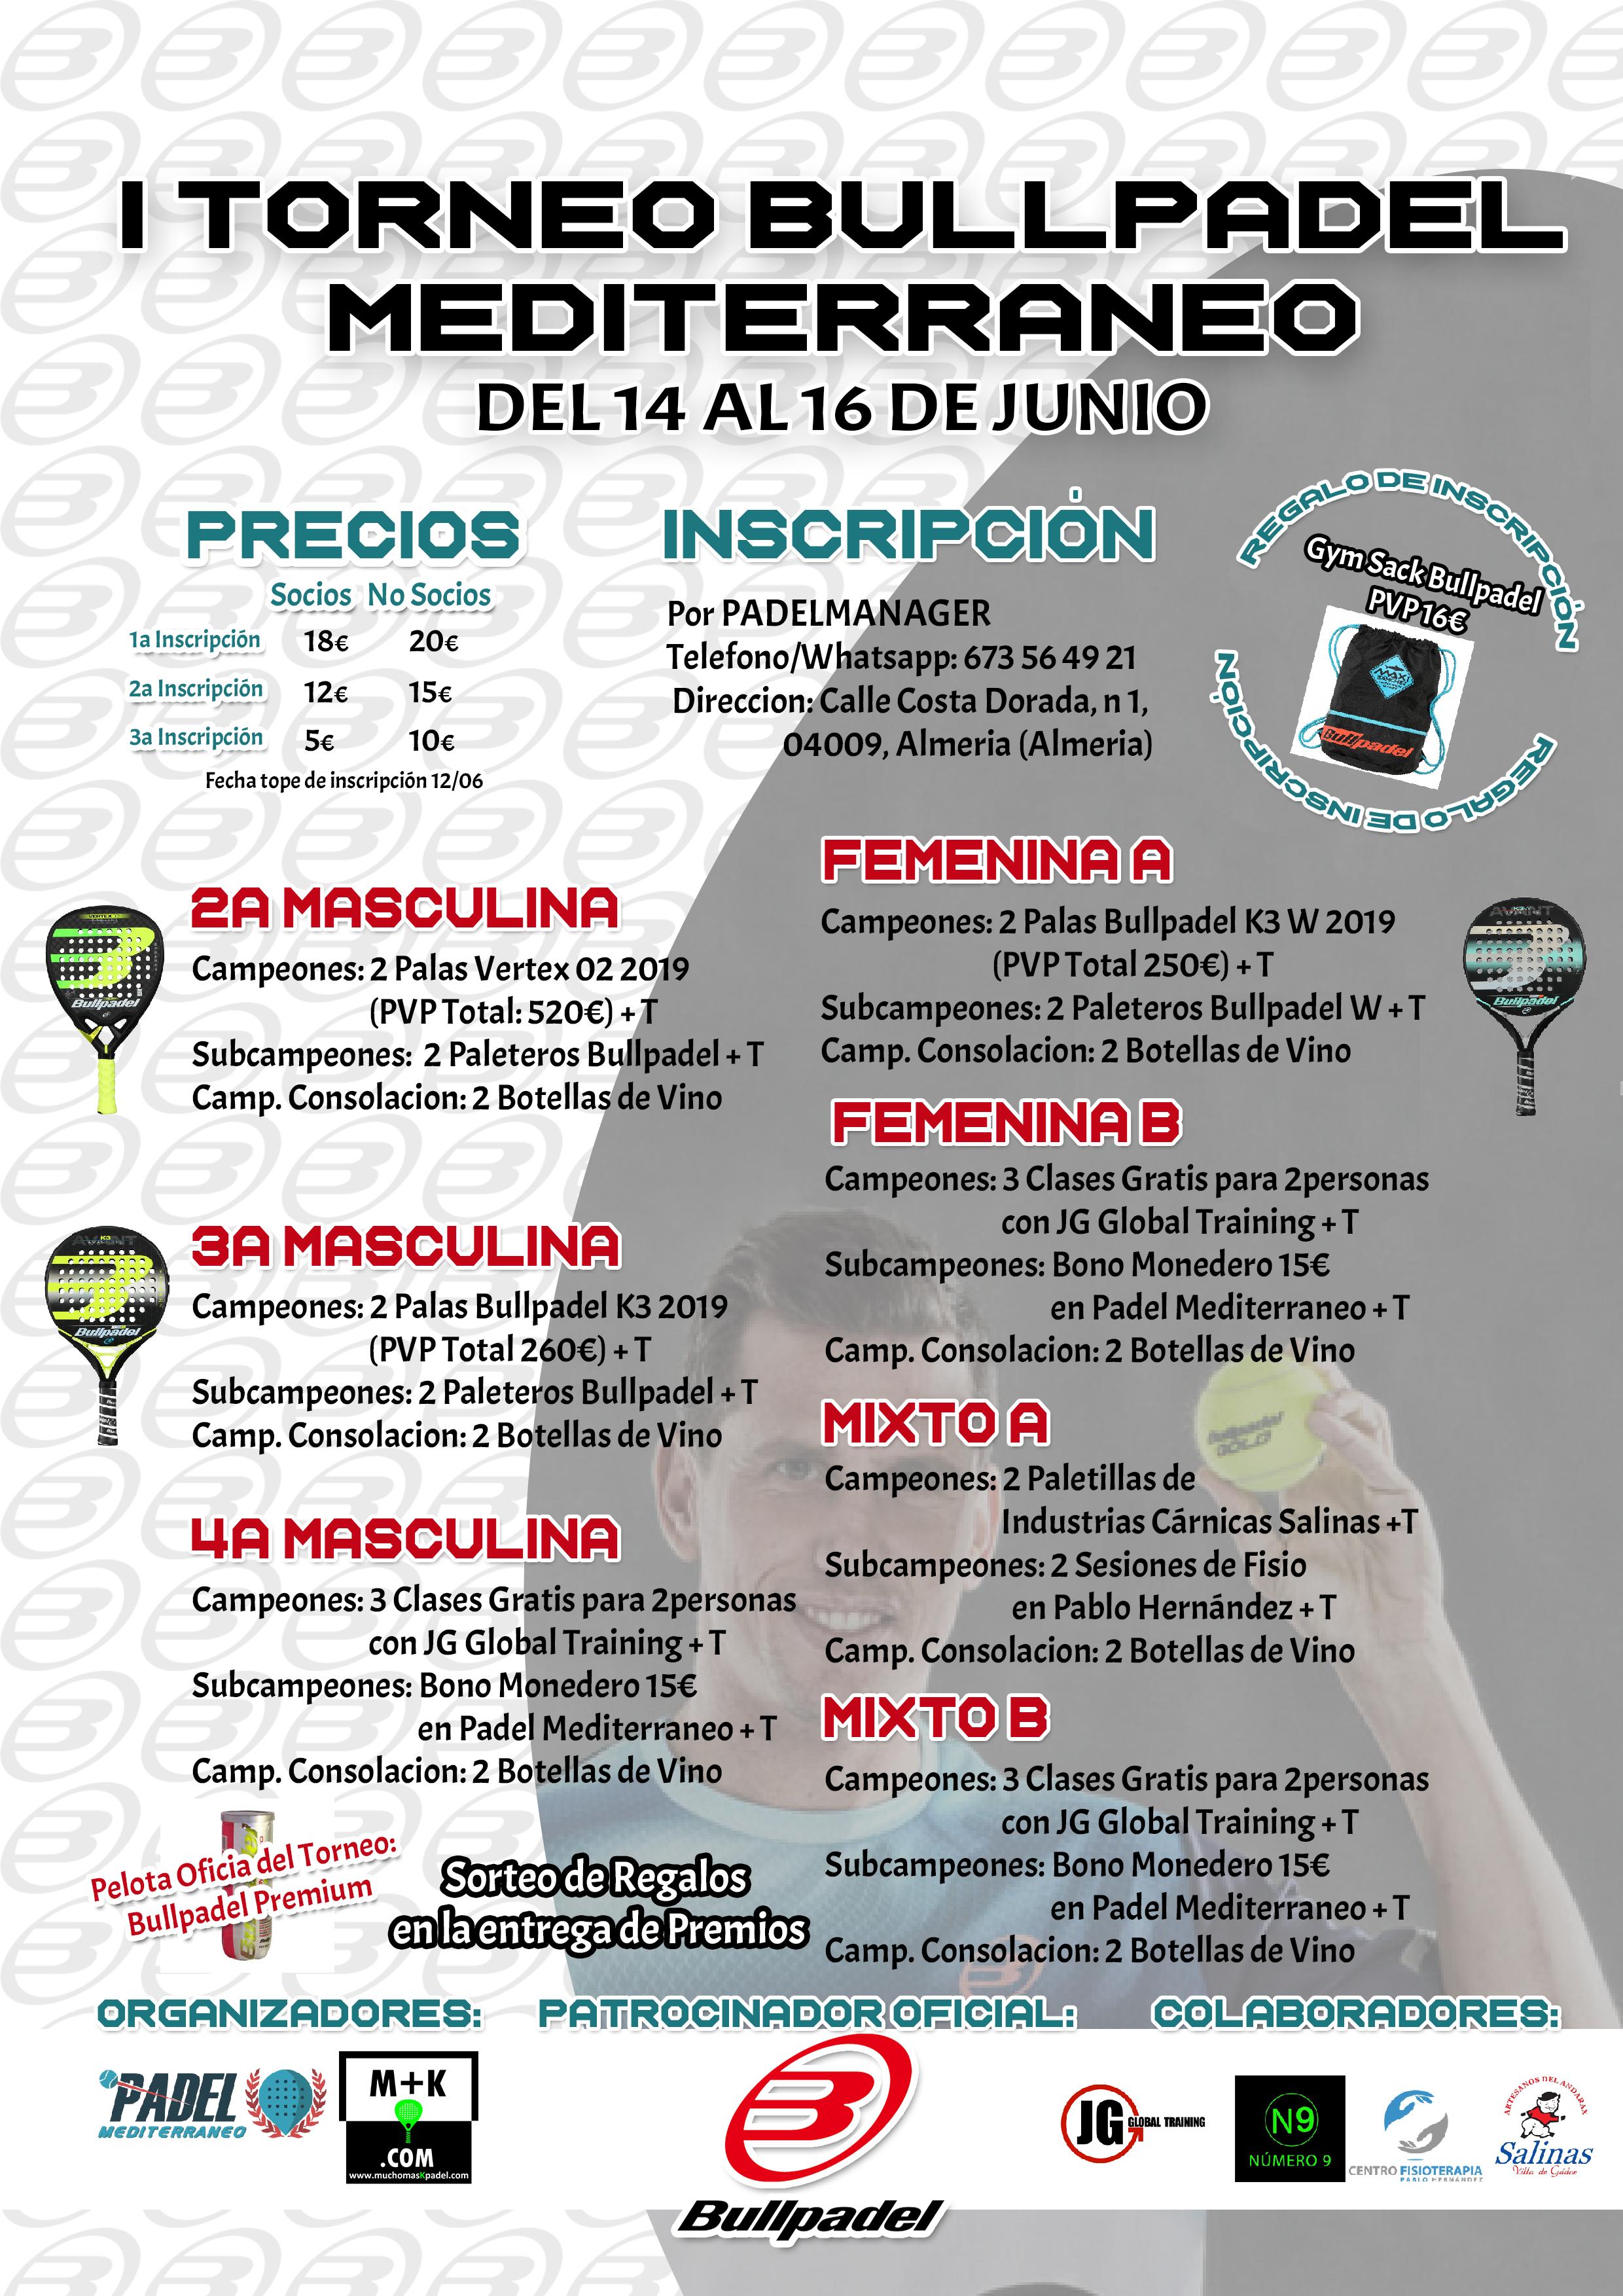 I TORNEO BULLPADEL MEDITERRÁNEO del 14 al 16 de Junio